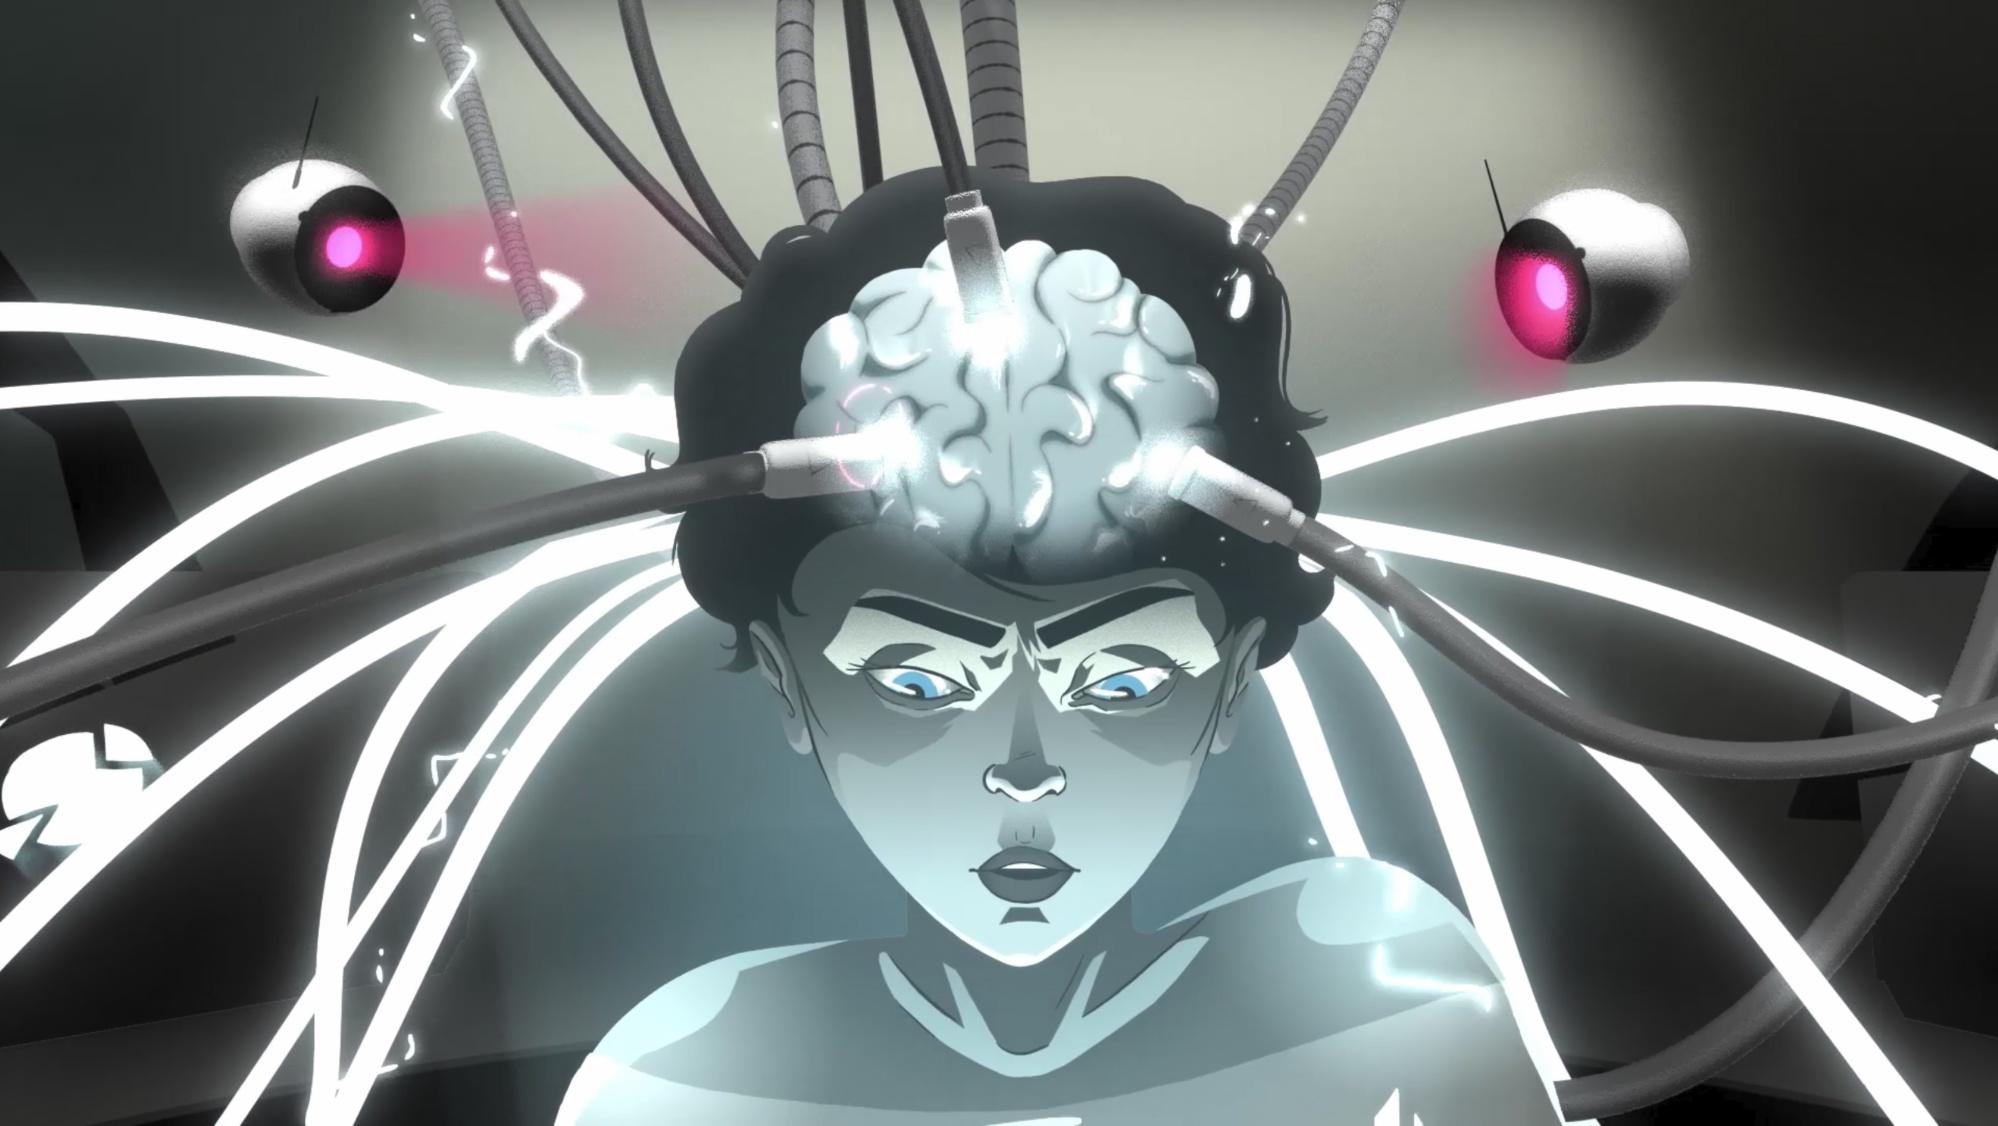 βίντεο παιχνίδι σκηνές σεξ